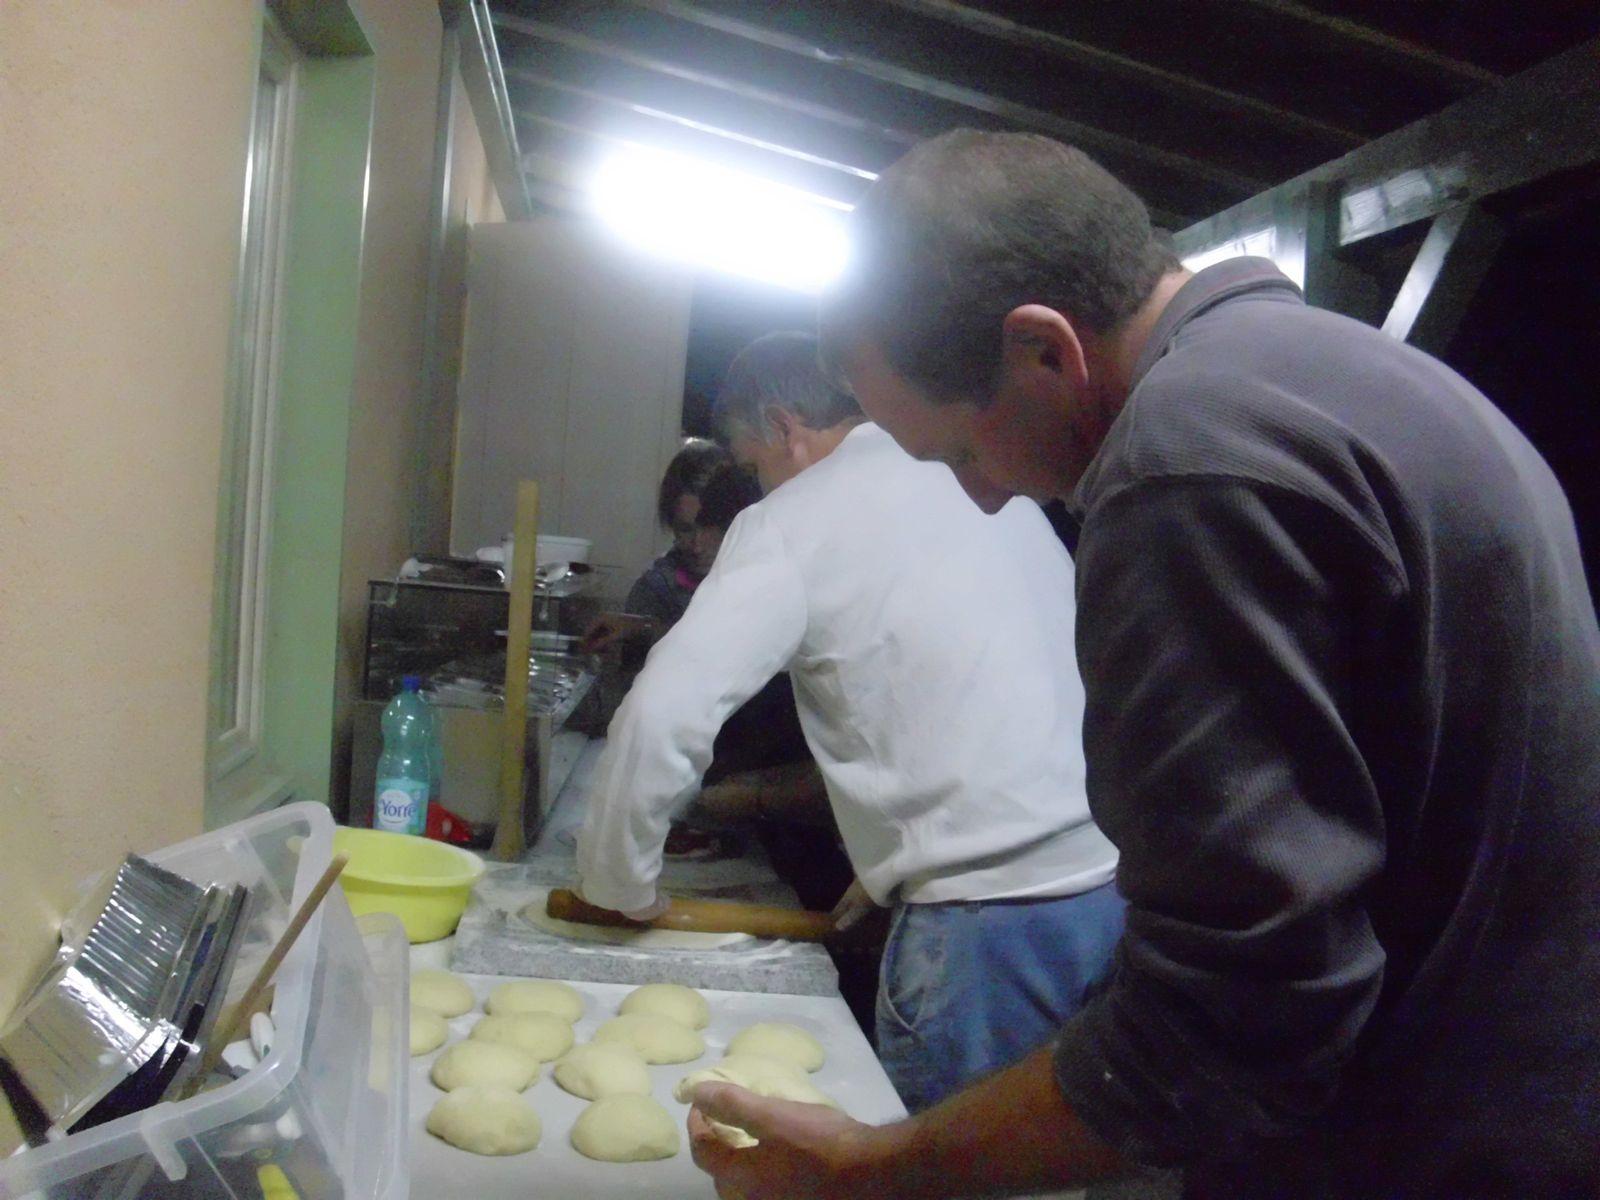 C'est parti, chacun sa tâche : un qui mesure, un qui étale la pâte, et les femmes qui mettent les ingrédients et Thierry enfourne.... ça roule ;)